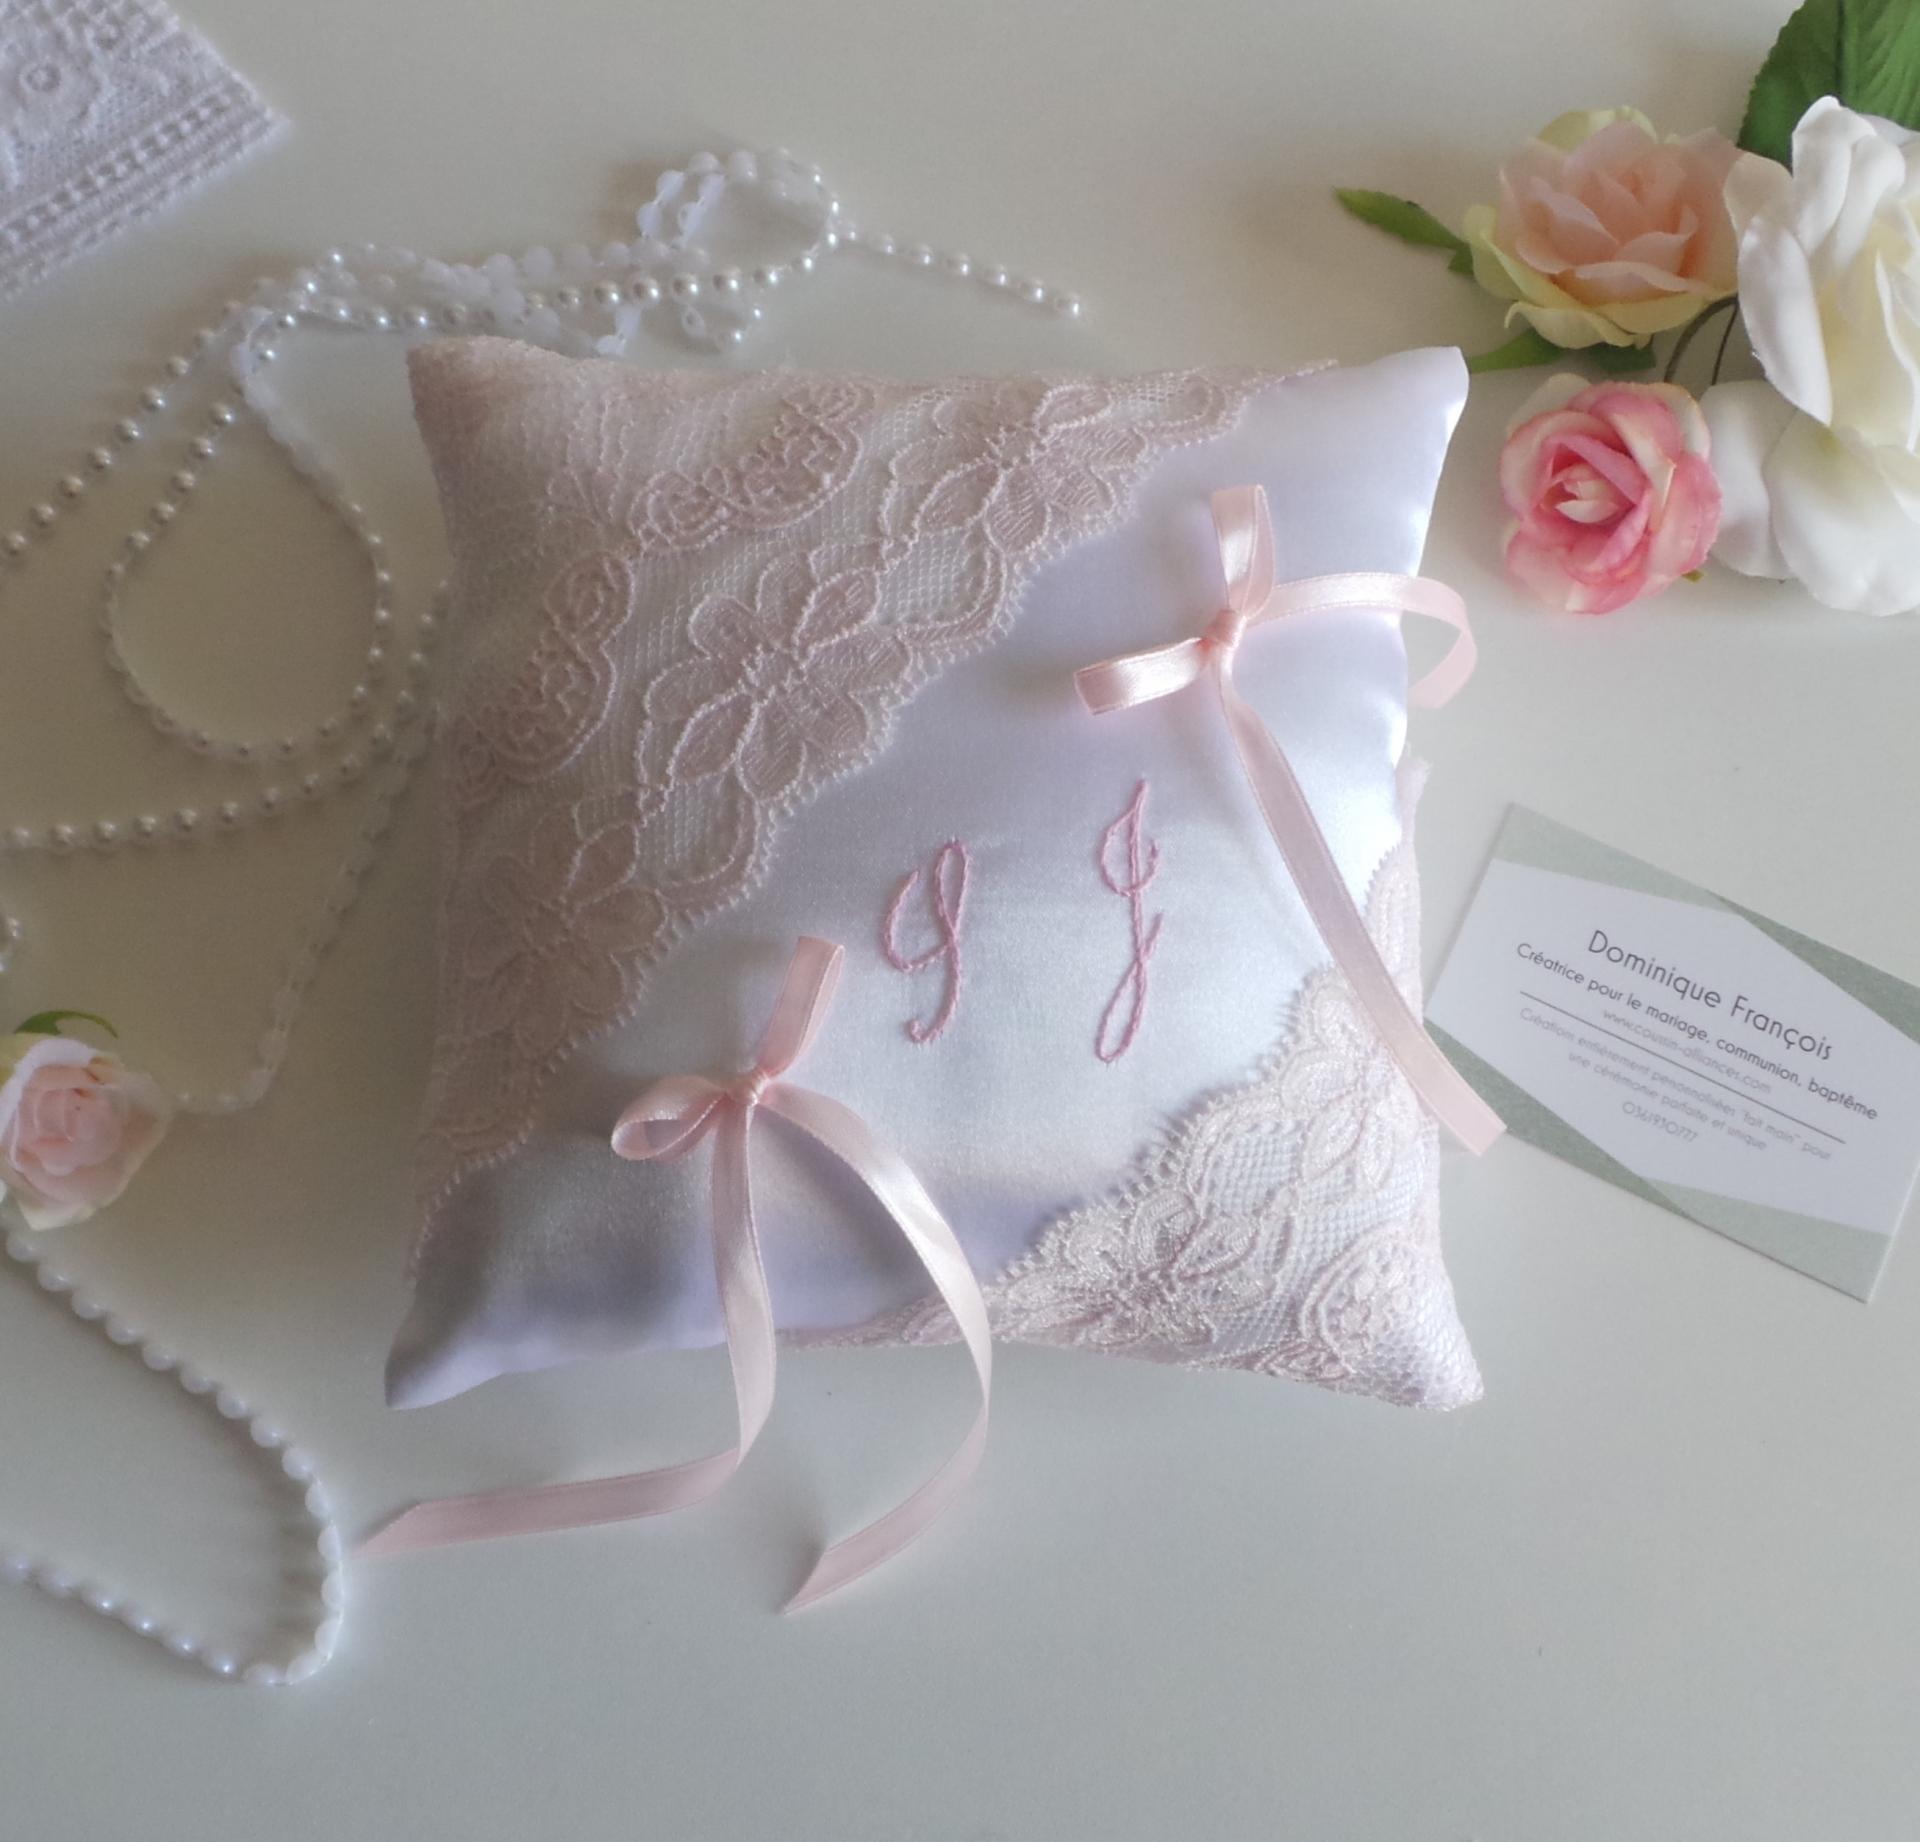 Coussin alliances chic dentelle rose pale blanc ou ivoire personnalise 1